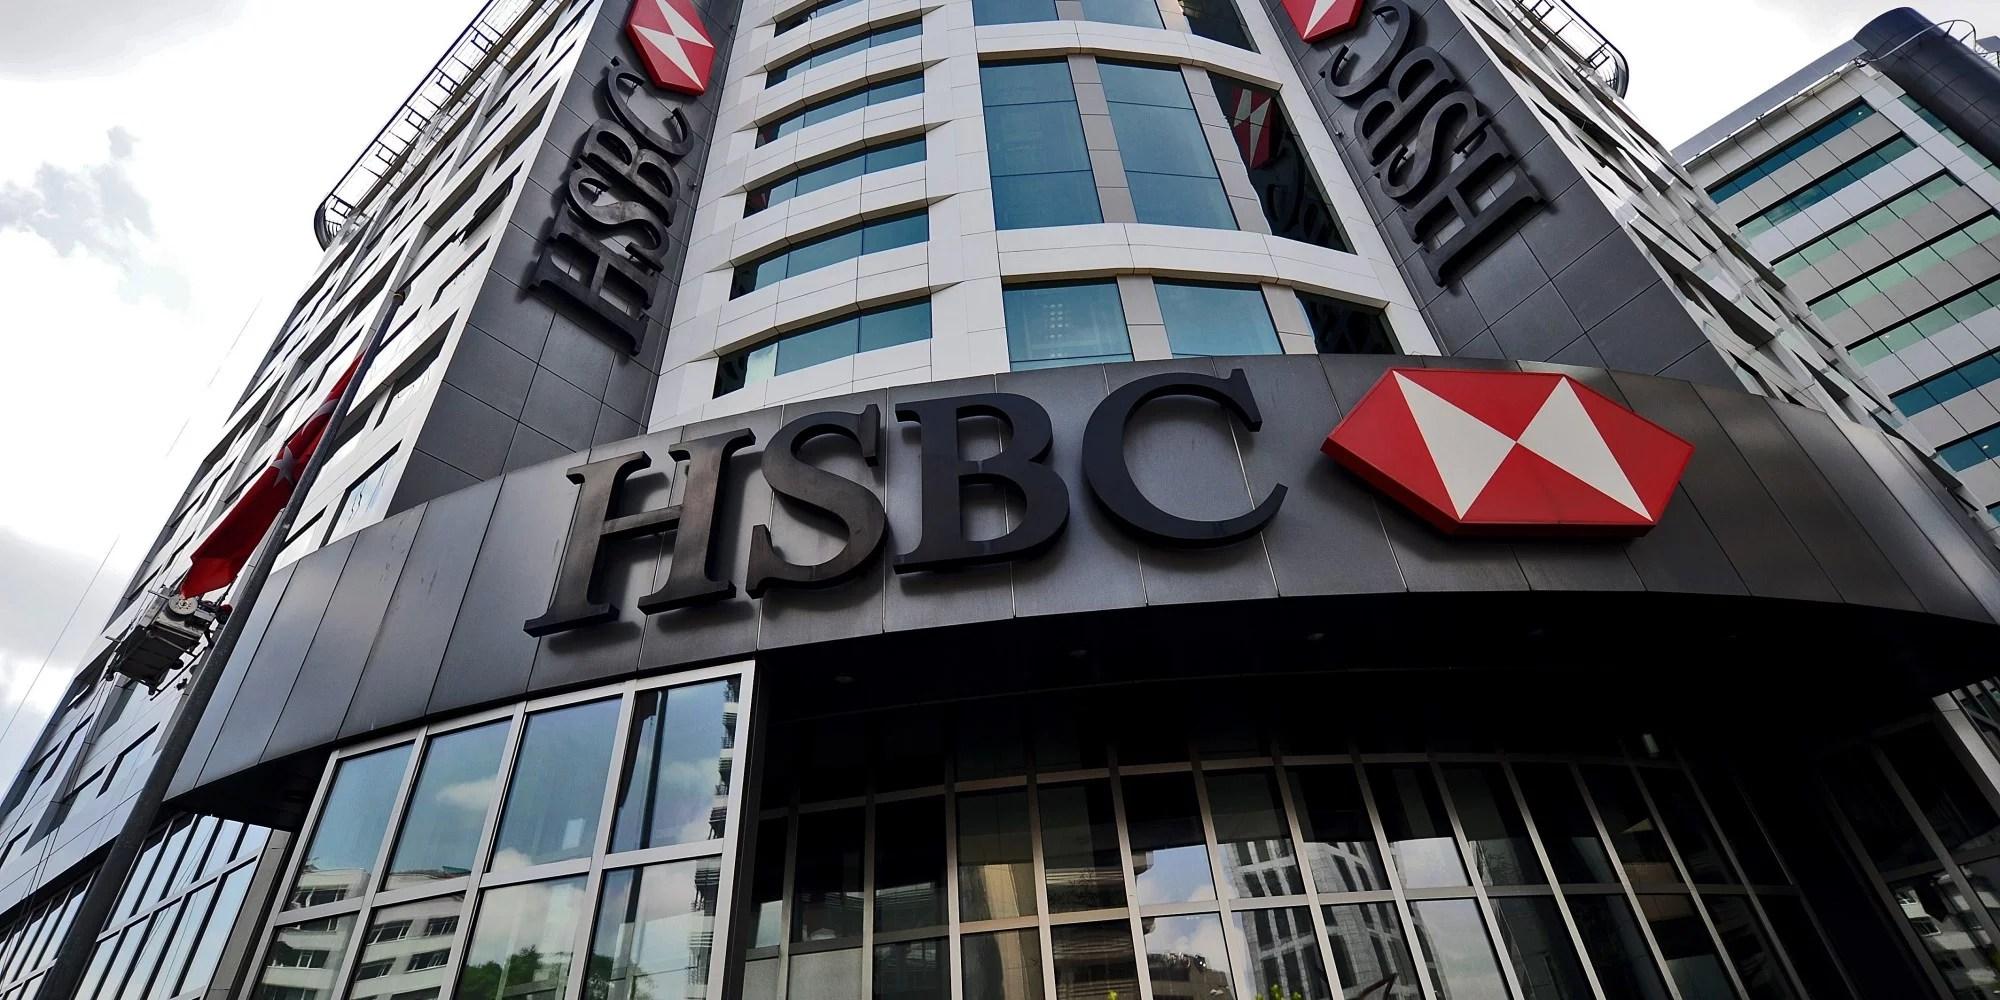 HSBC realizó transacciones procesadas con blockchain por 250 mil millones de dólares en 2018